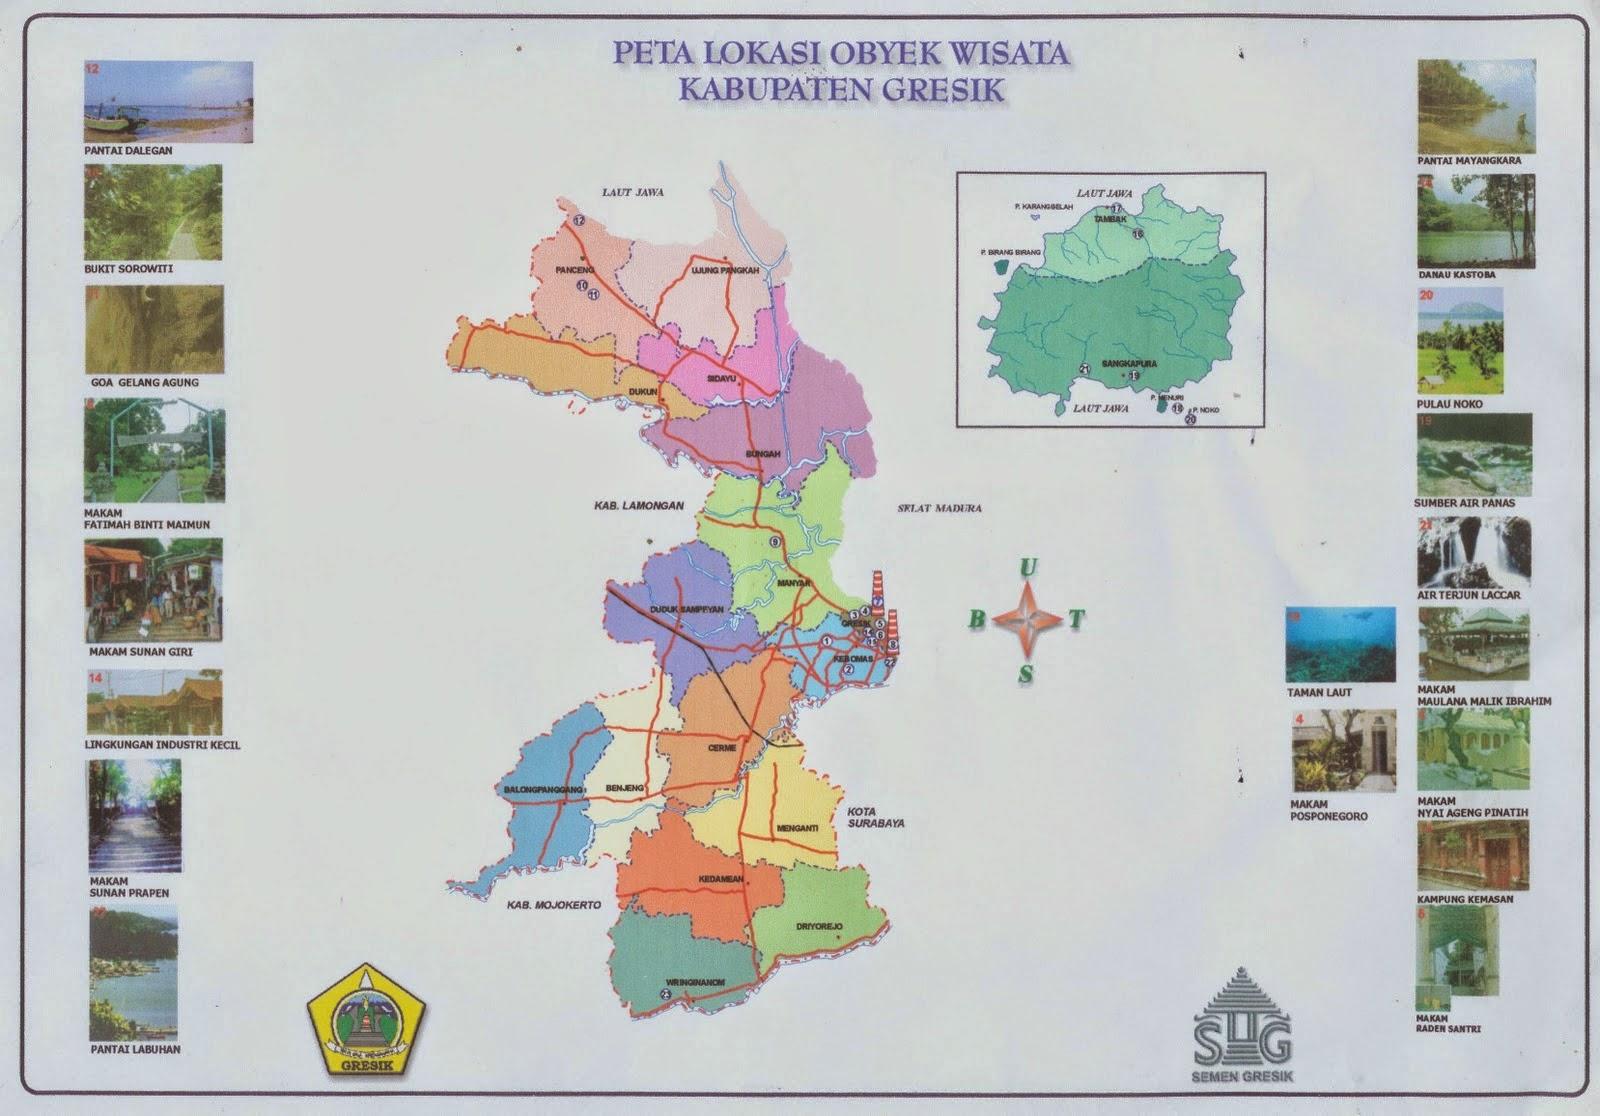 Peta Lengkap Indonesia Lokasi Obyek Wisata Kabupaten Gresik Kampung Kemasan